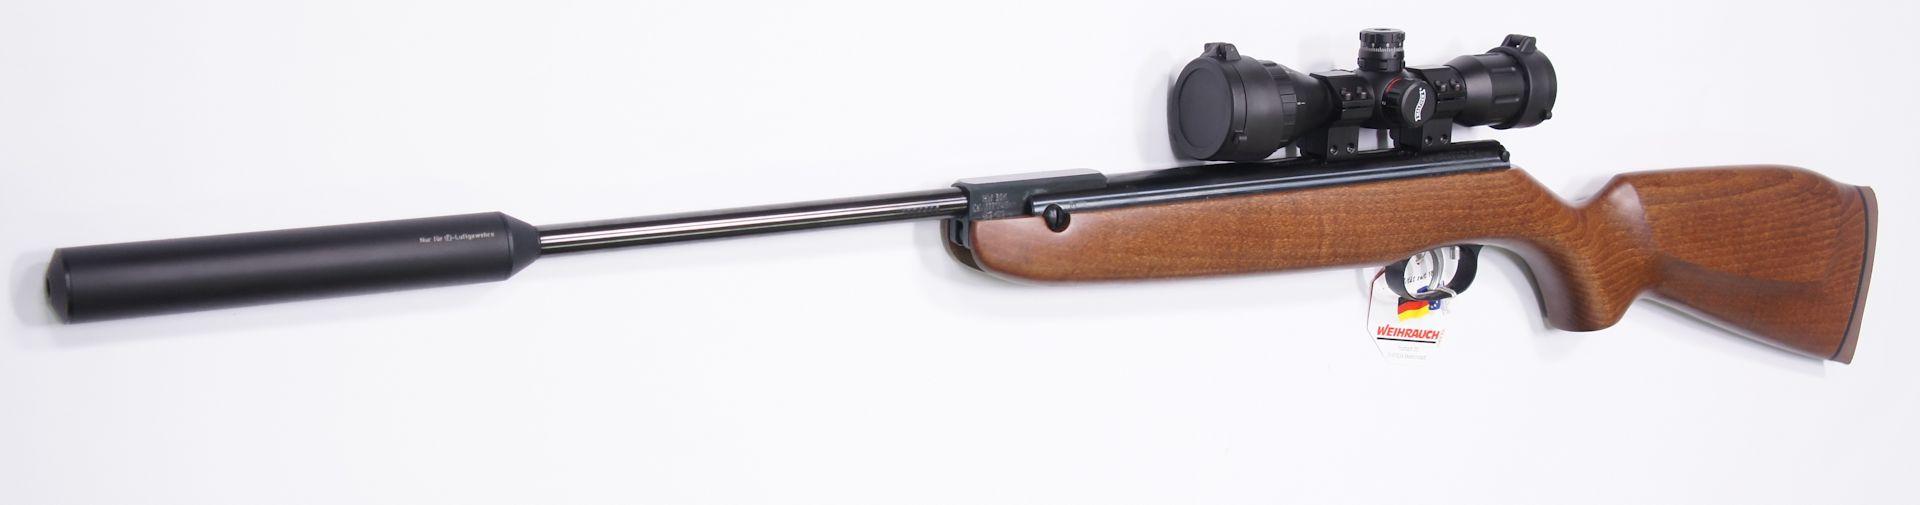 Diese sehr gute und robuste Optik der Marke Walther hat ein MilDot Absehen und wäre zum HW 80 K eine hervorragende Ergänzung. Gerne können Sie <a href=1130130set77-45.htm>so eine Optik am Gewehr von mir montiert und eingeschossen</a> erhalten.